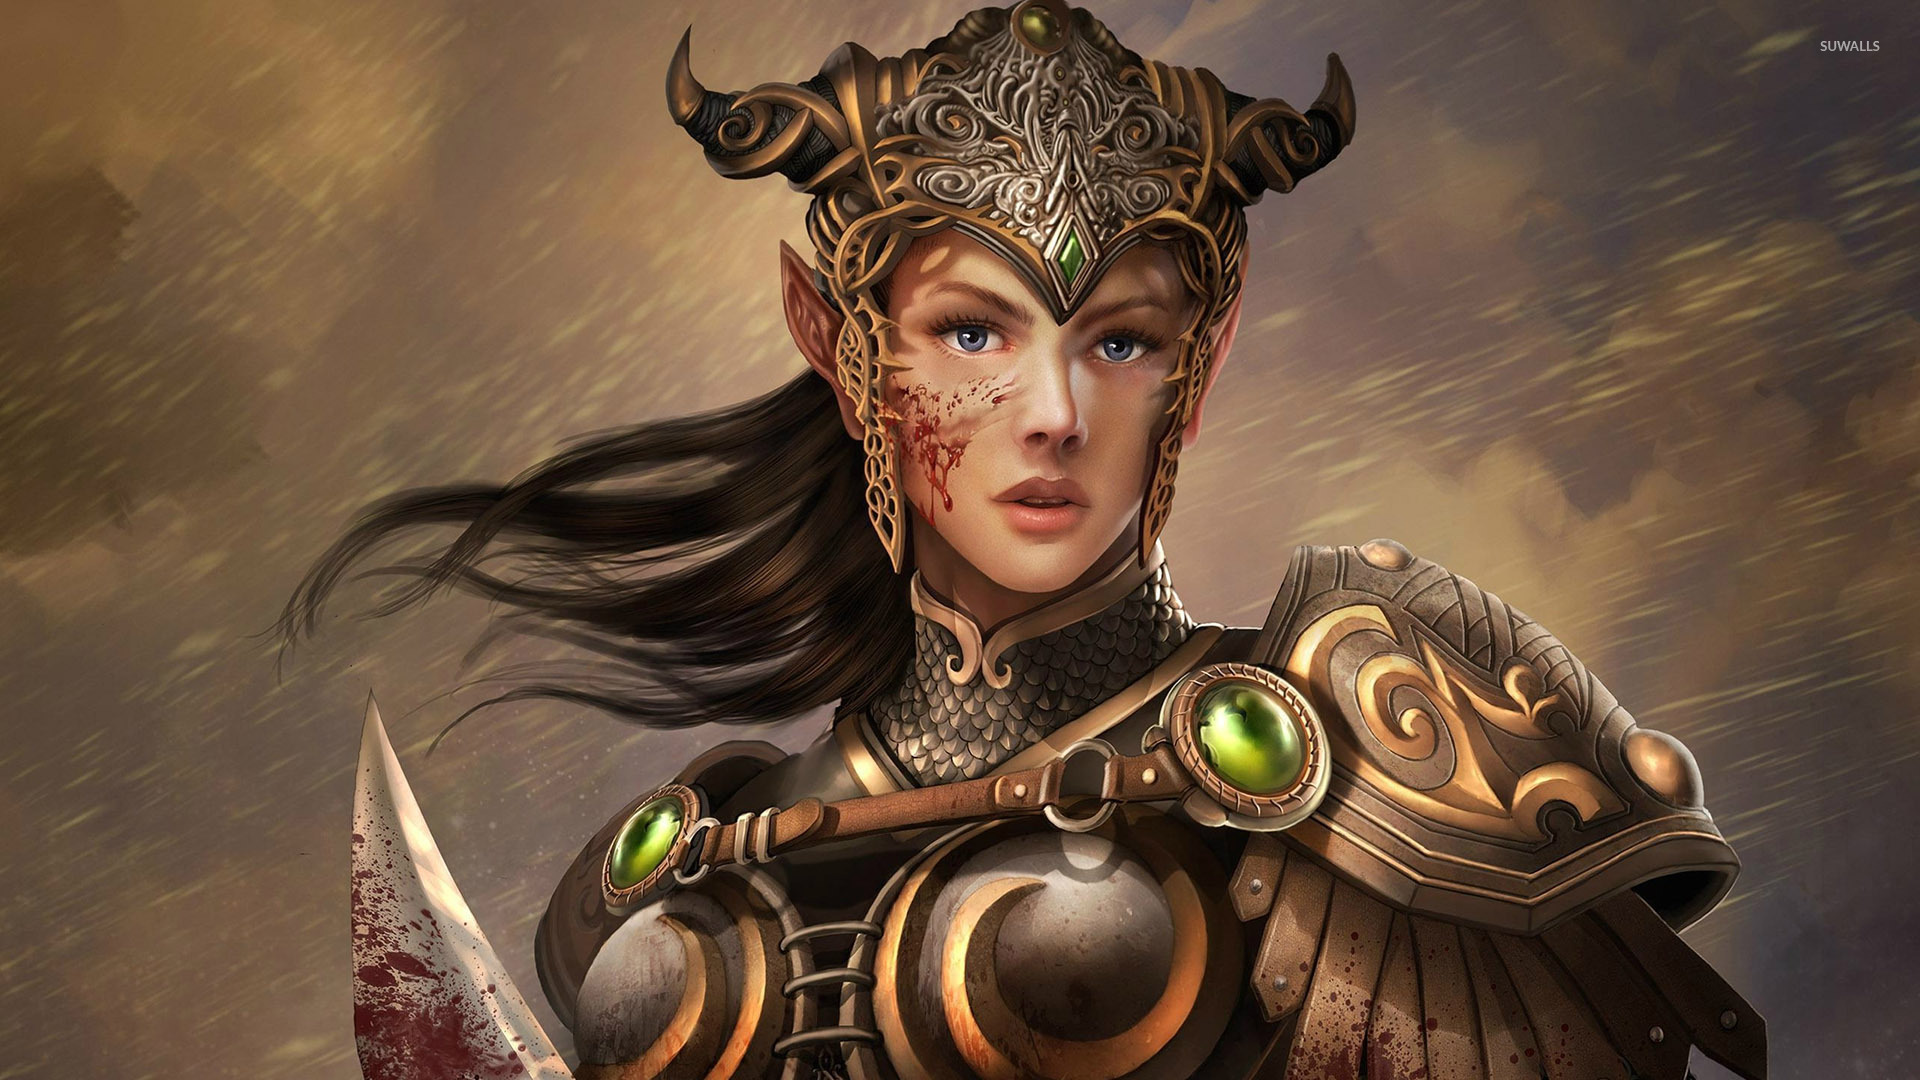 warrior elf desktop wallpapers - photo #4